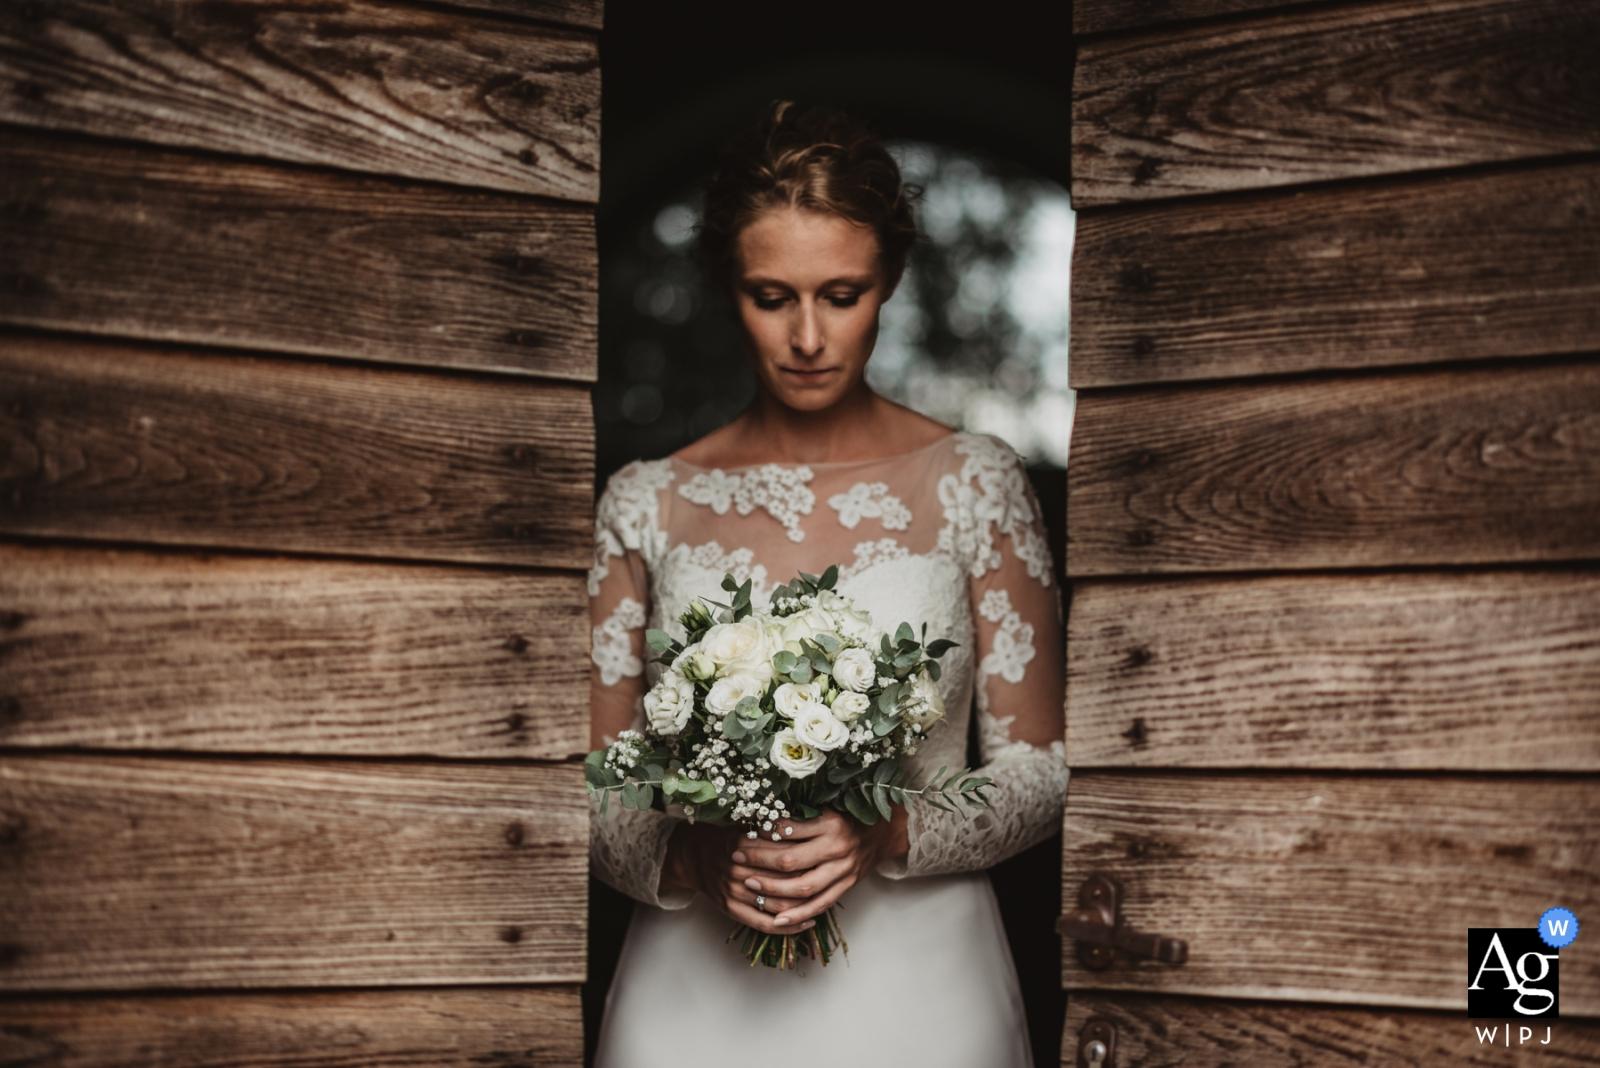 Ferranesi Fine Art Wedding Portrait of The Bride holding Bouquet of Flowers